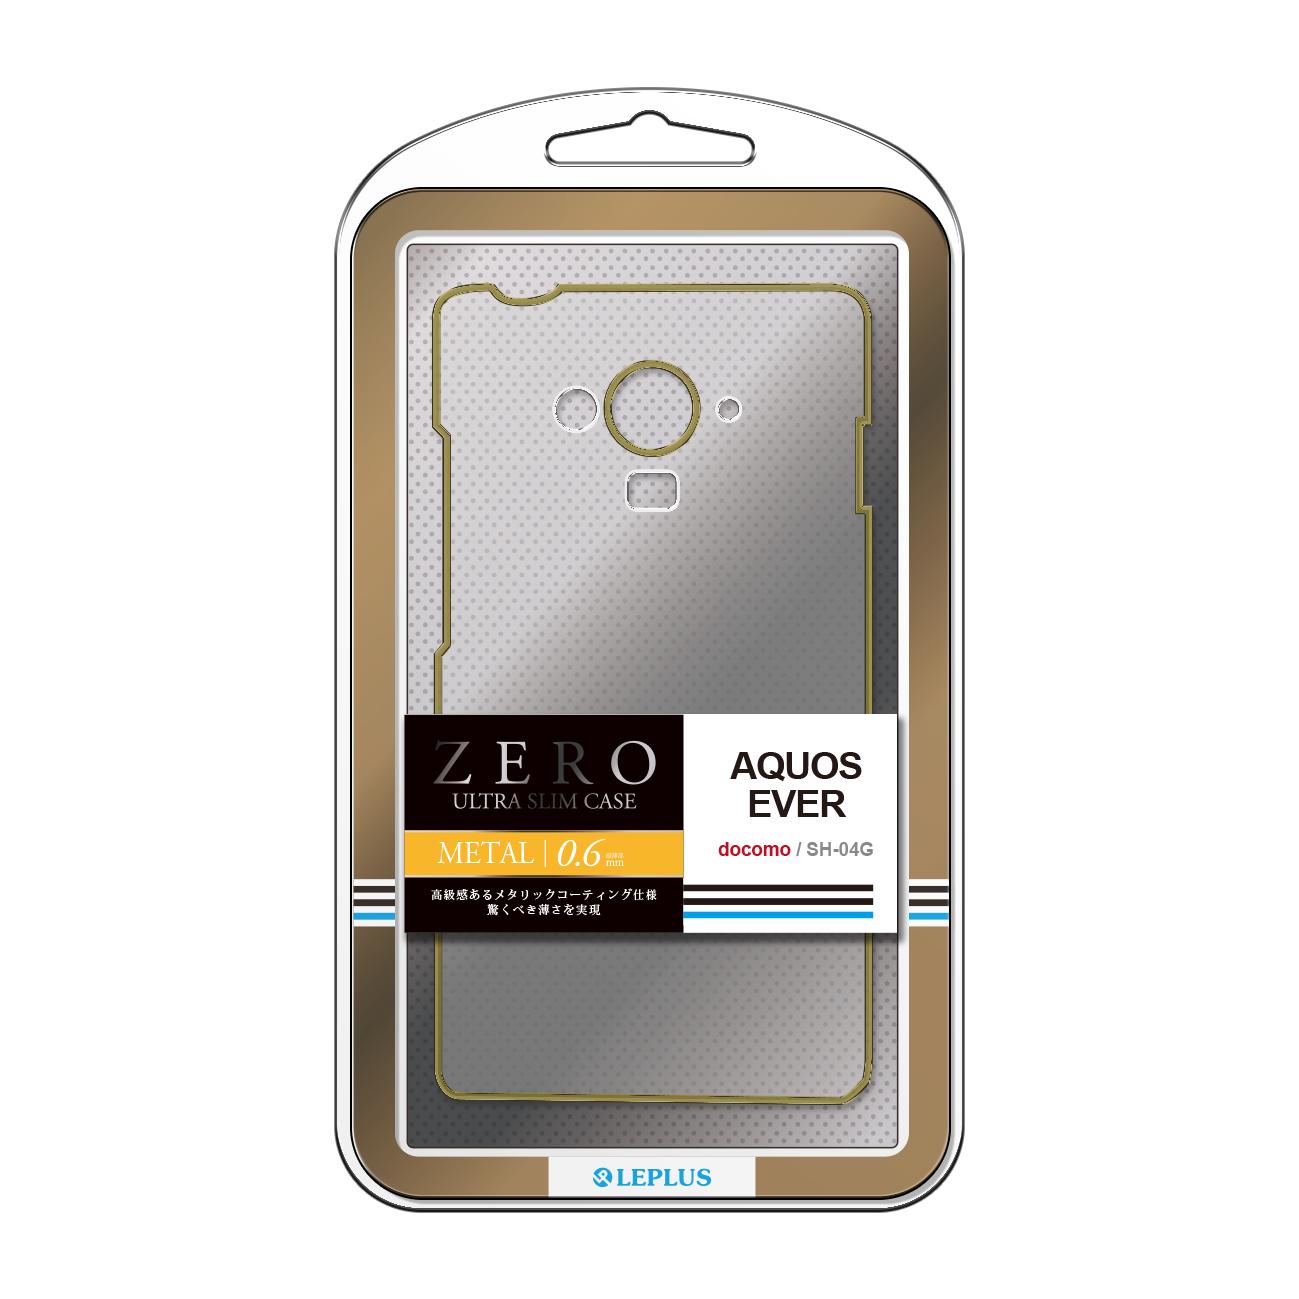 AQUOS EVER SH-04G 超極薄ハードケース「ZERO METAL」 クリア&ゴールド